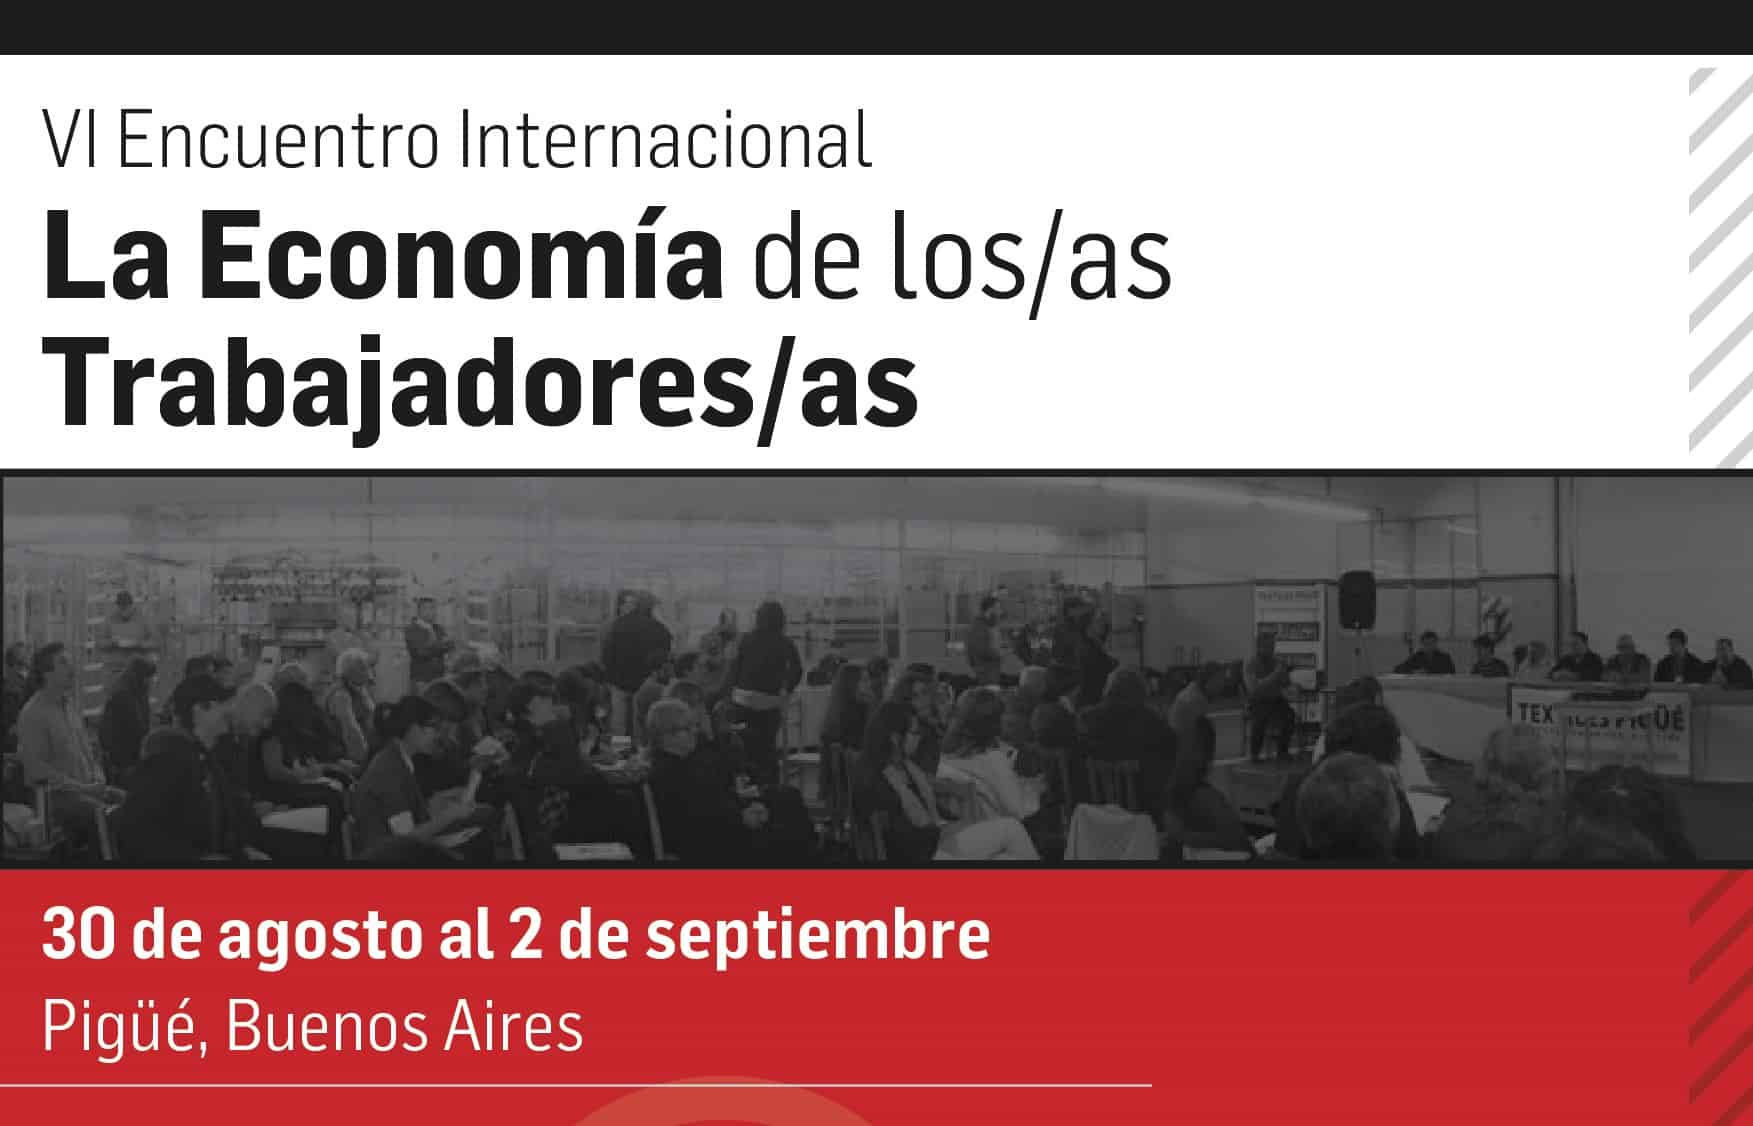 """Comienza hoy en el Bauen el encuentro """"la economía de los trabajadores"""" que reúne a cooperativas y fábricas recuperadas"""